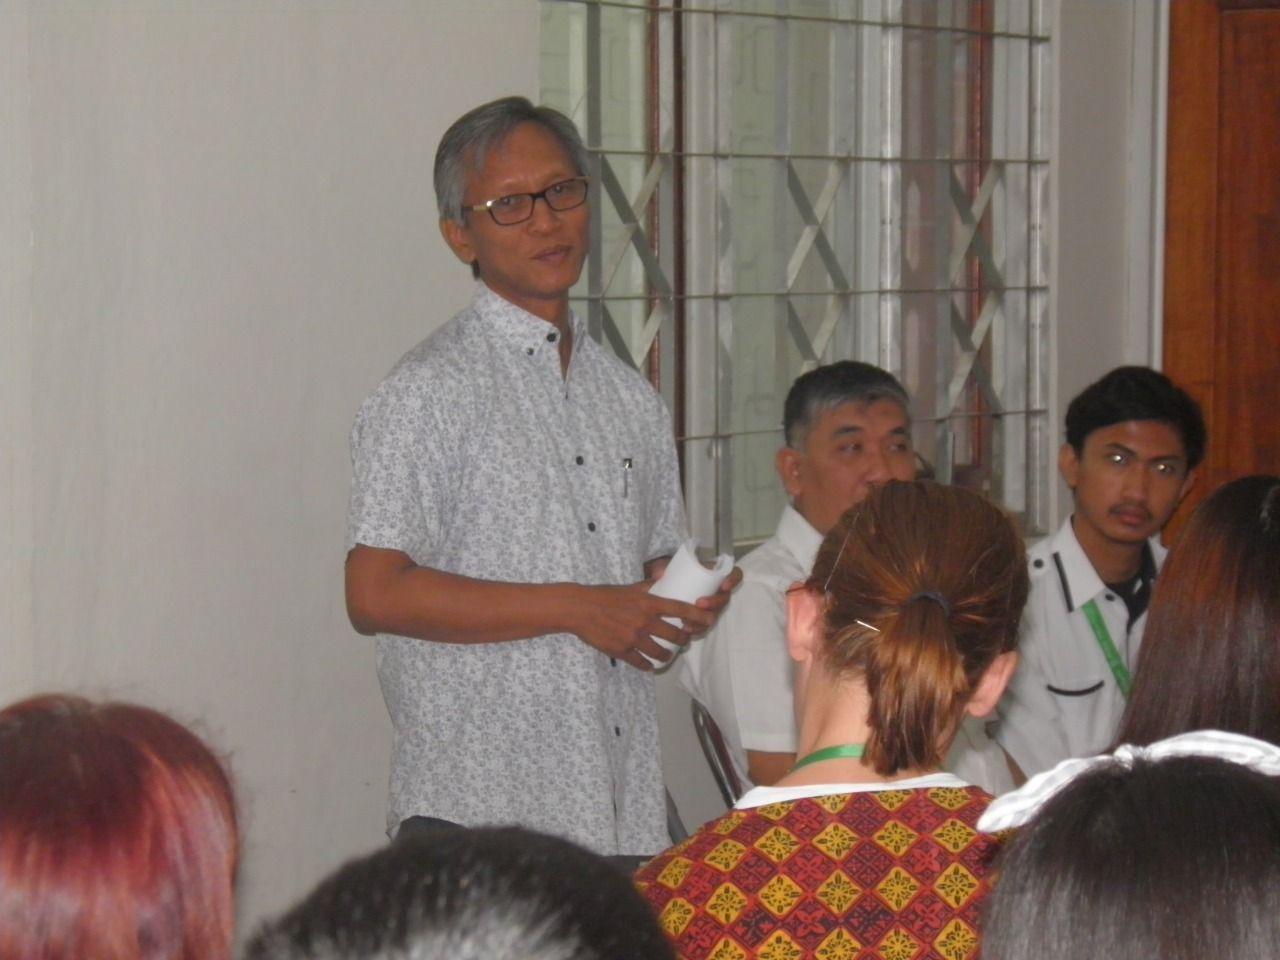 Deskripsi : Dadun, PhD, fasilitator dari FKM UI mendampingi peserta kunjungan I Sumber Foto : dokpri RSKO